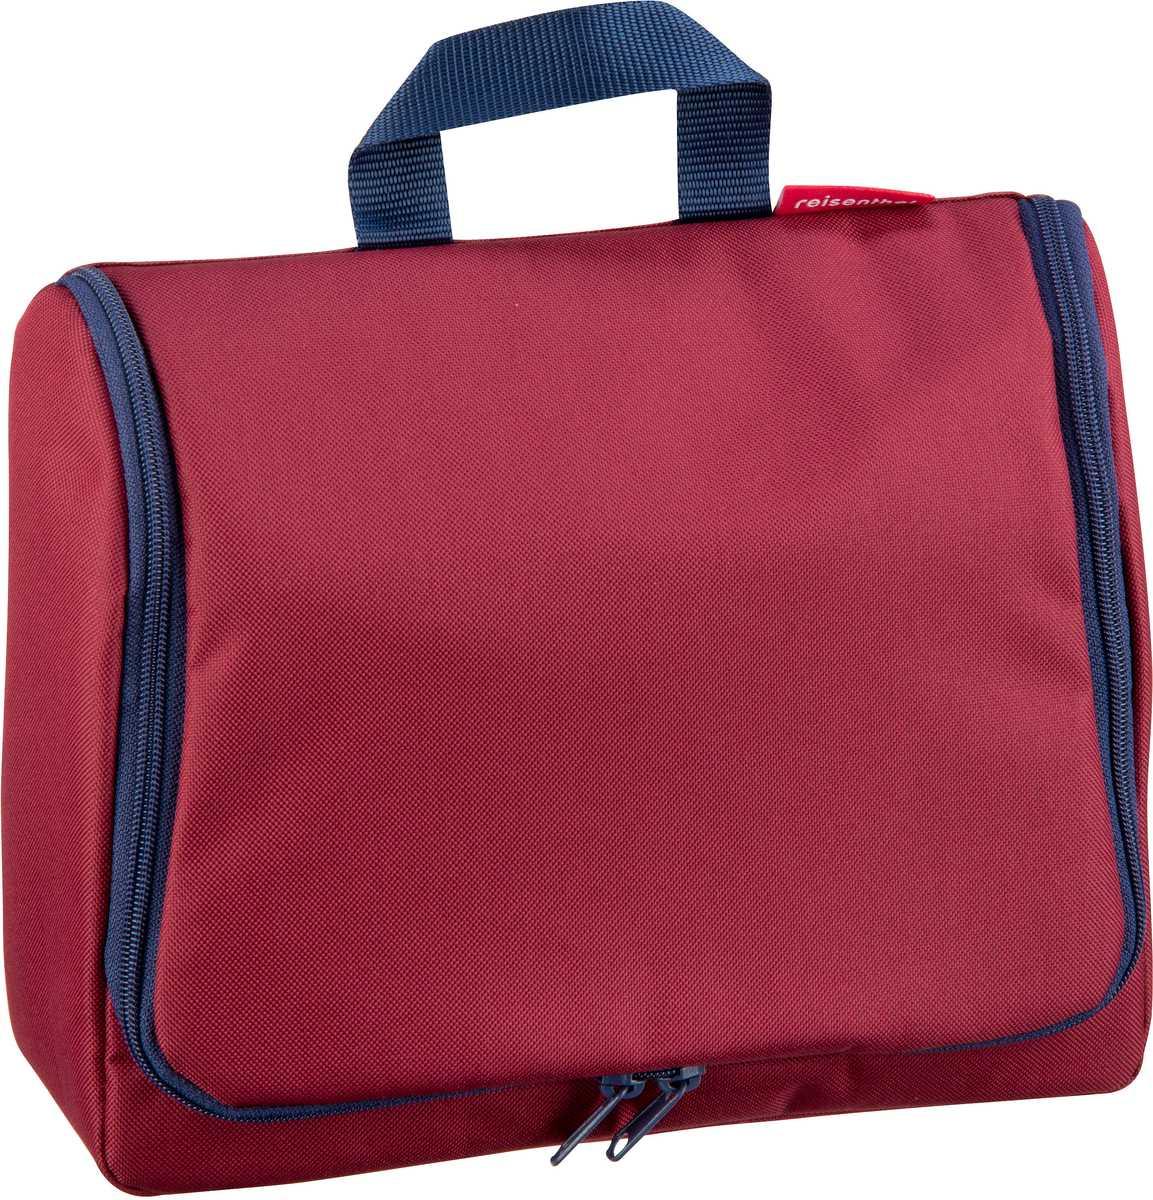 Reisegepaeck - reisenthel Kulturbeutel Beauty Case toiletbag XL Dark Ruby (4 Liter)  - Onlineshop Taschenkaufhaus